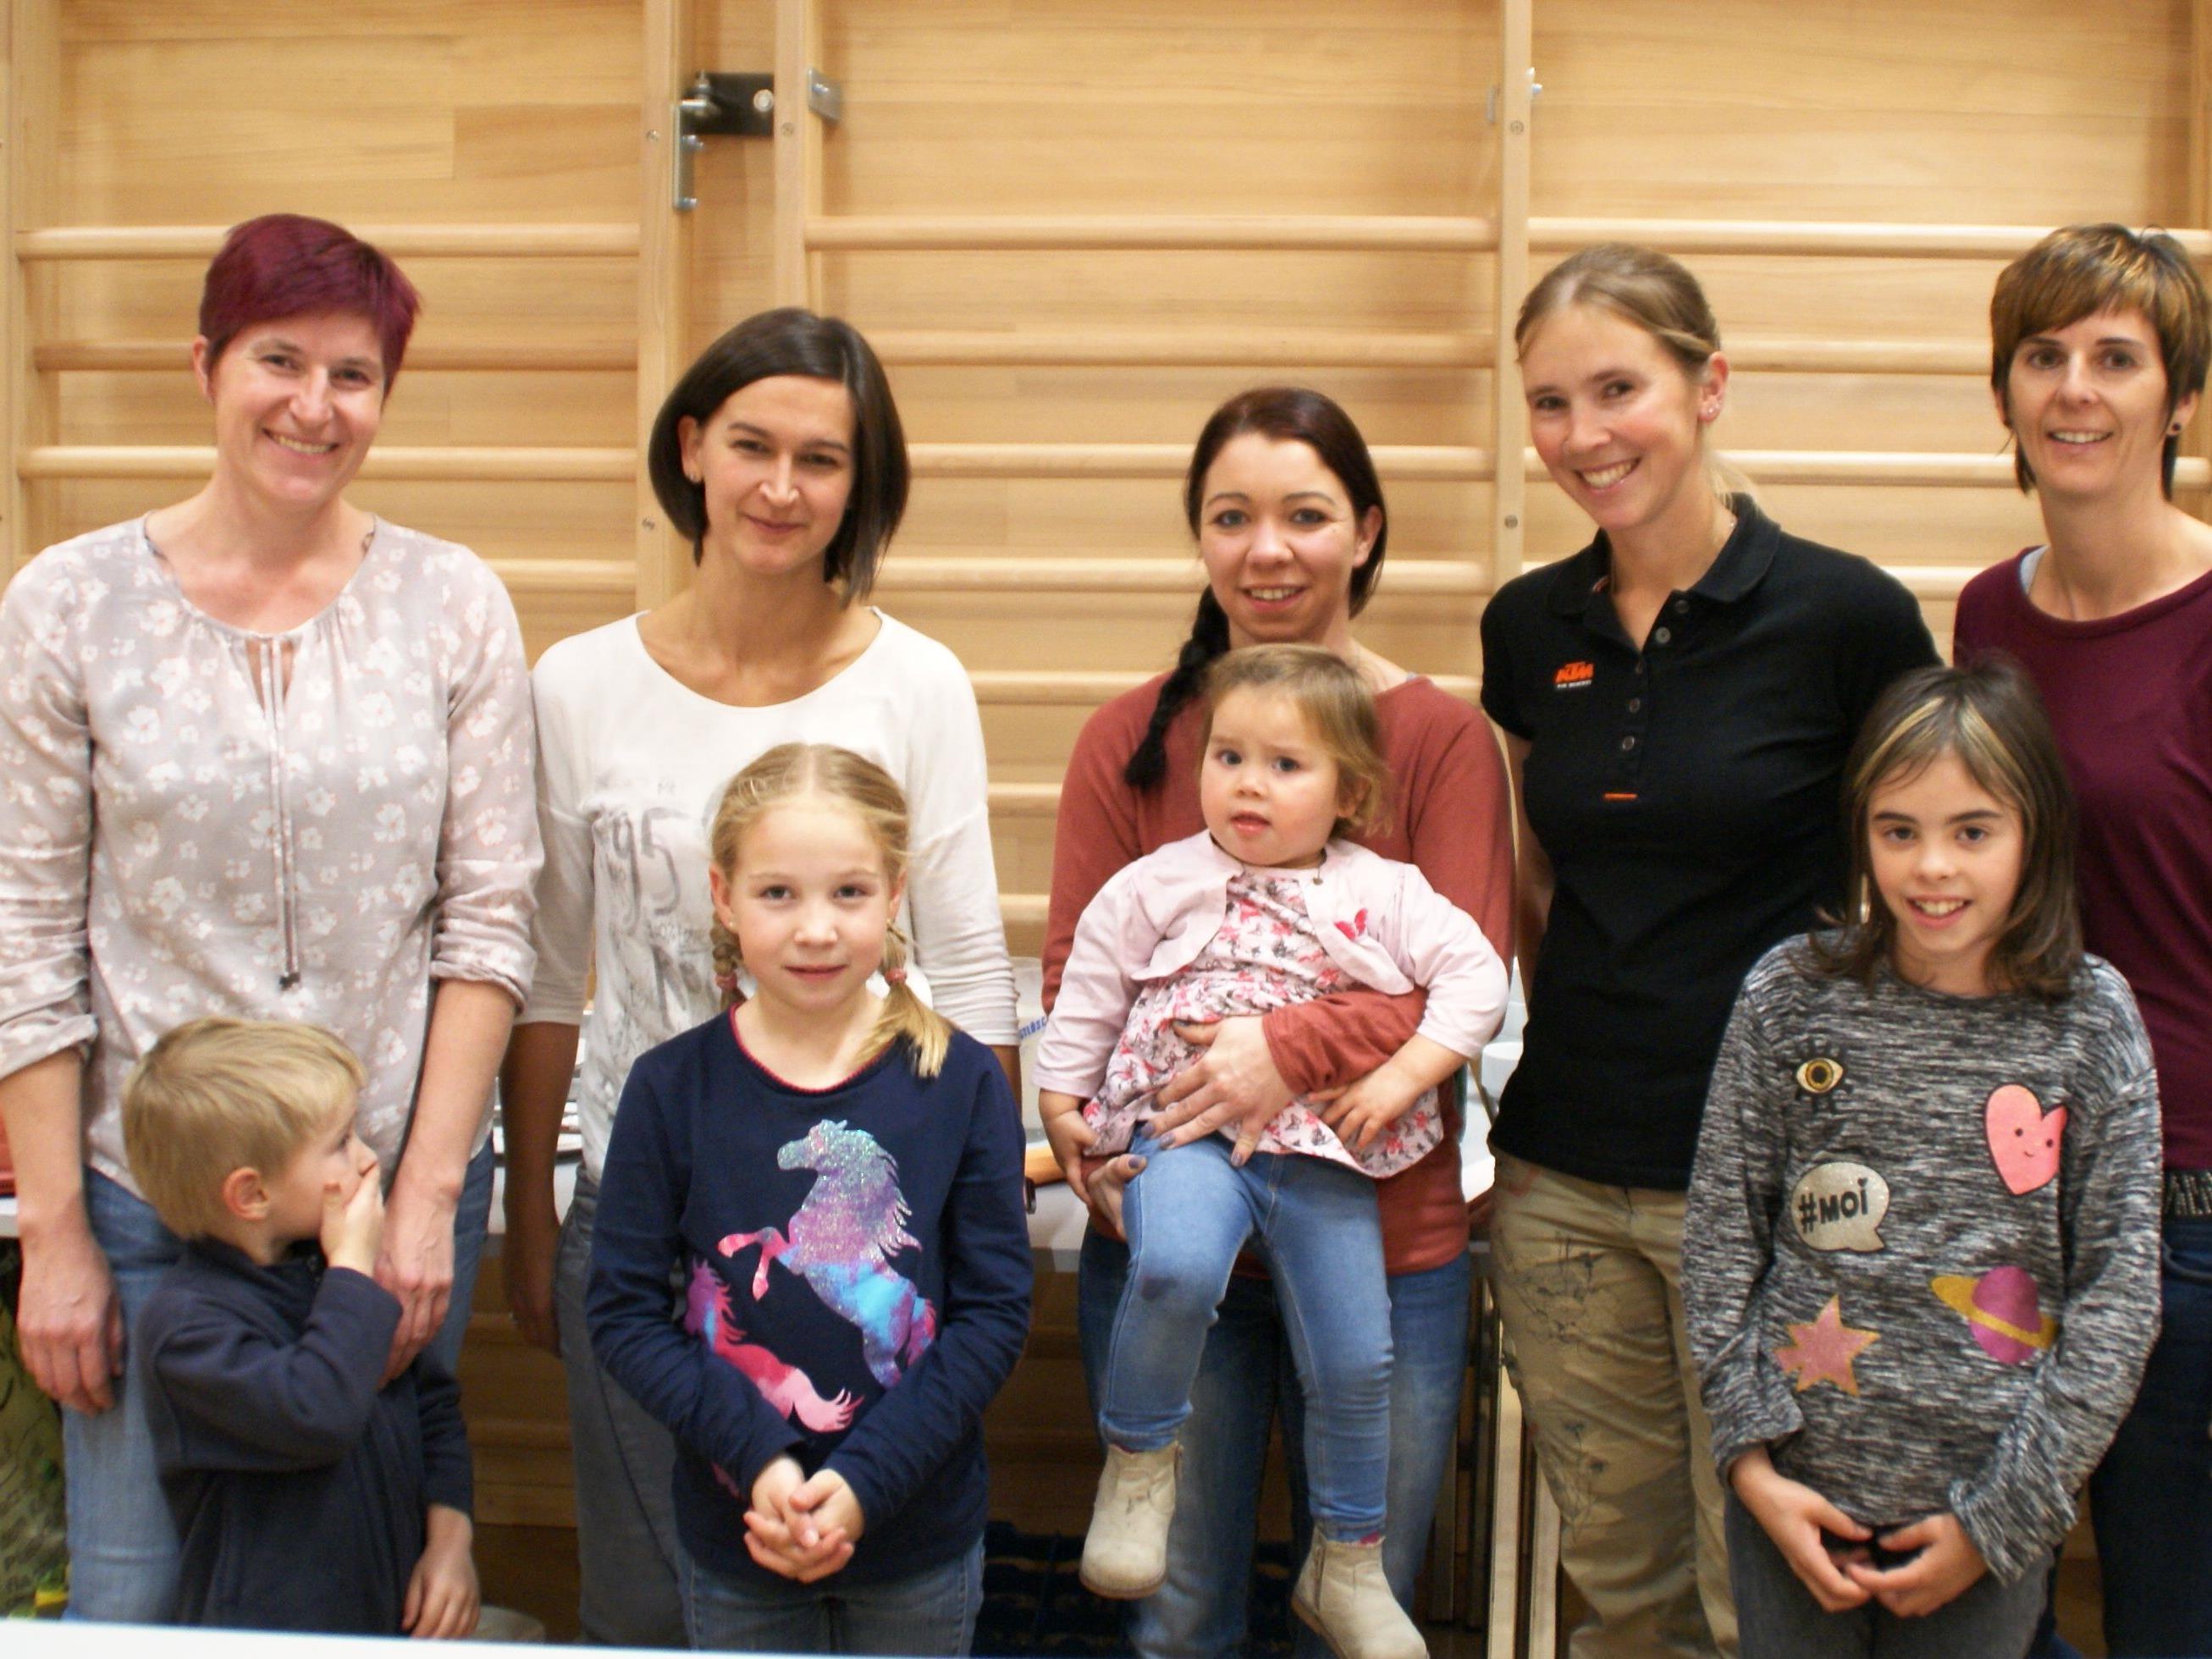 Foto: Jung & Alt engagierten sich um den Basar des Familienverbandes Buch.